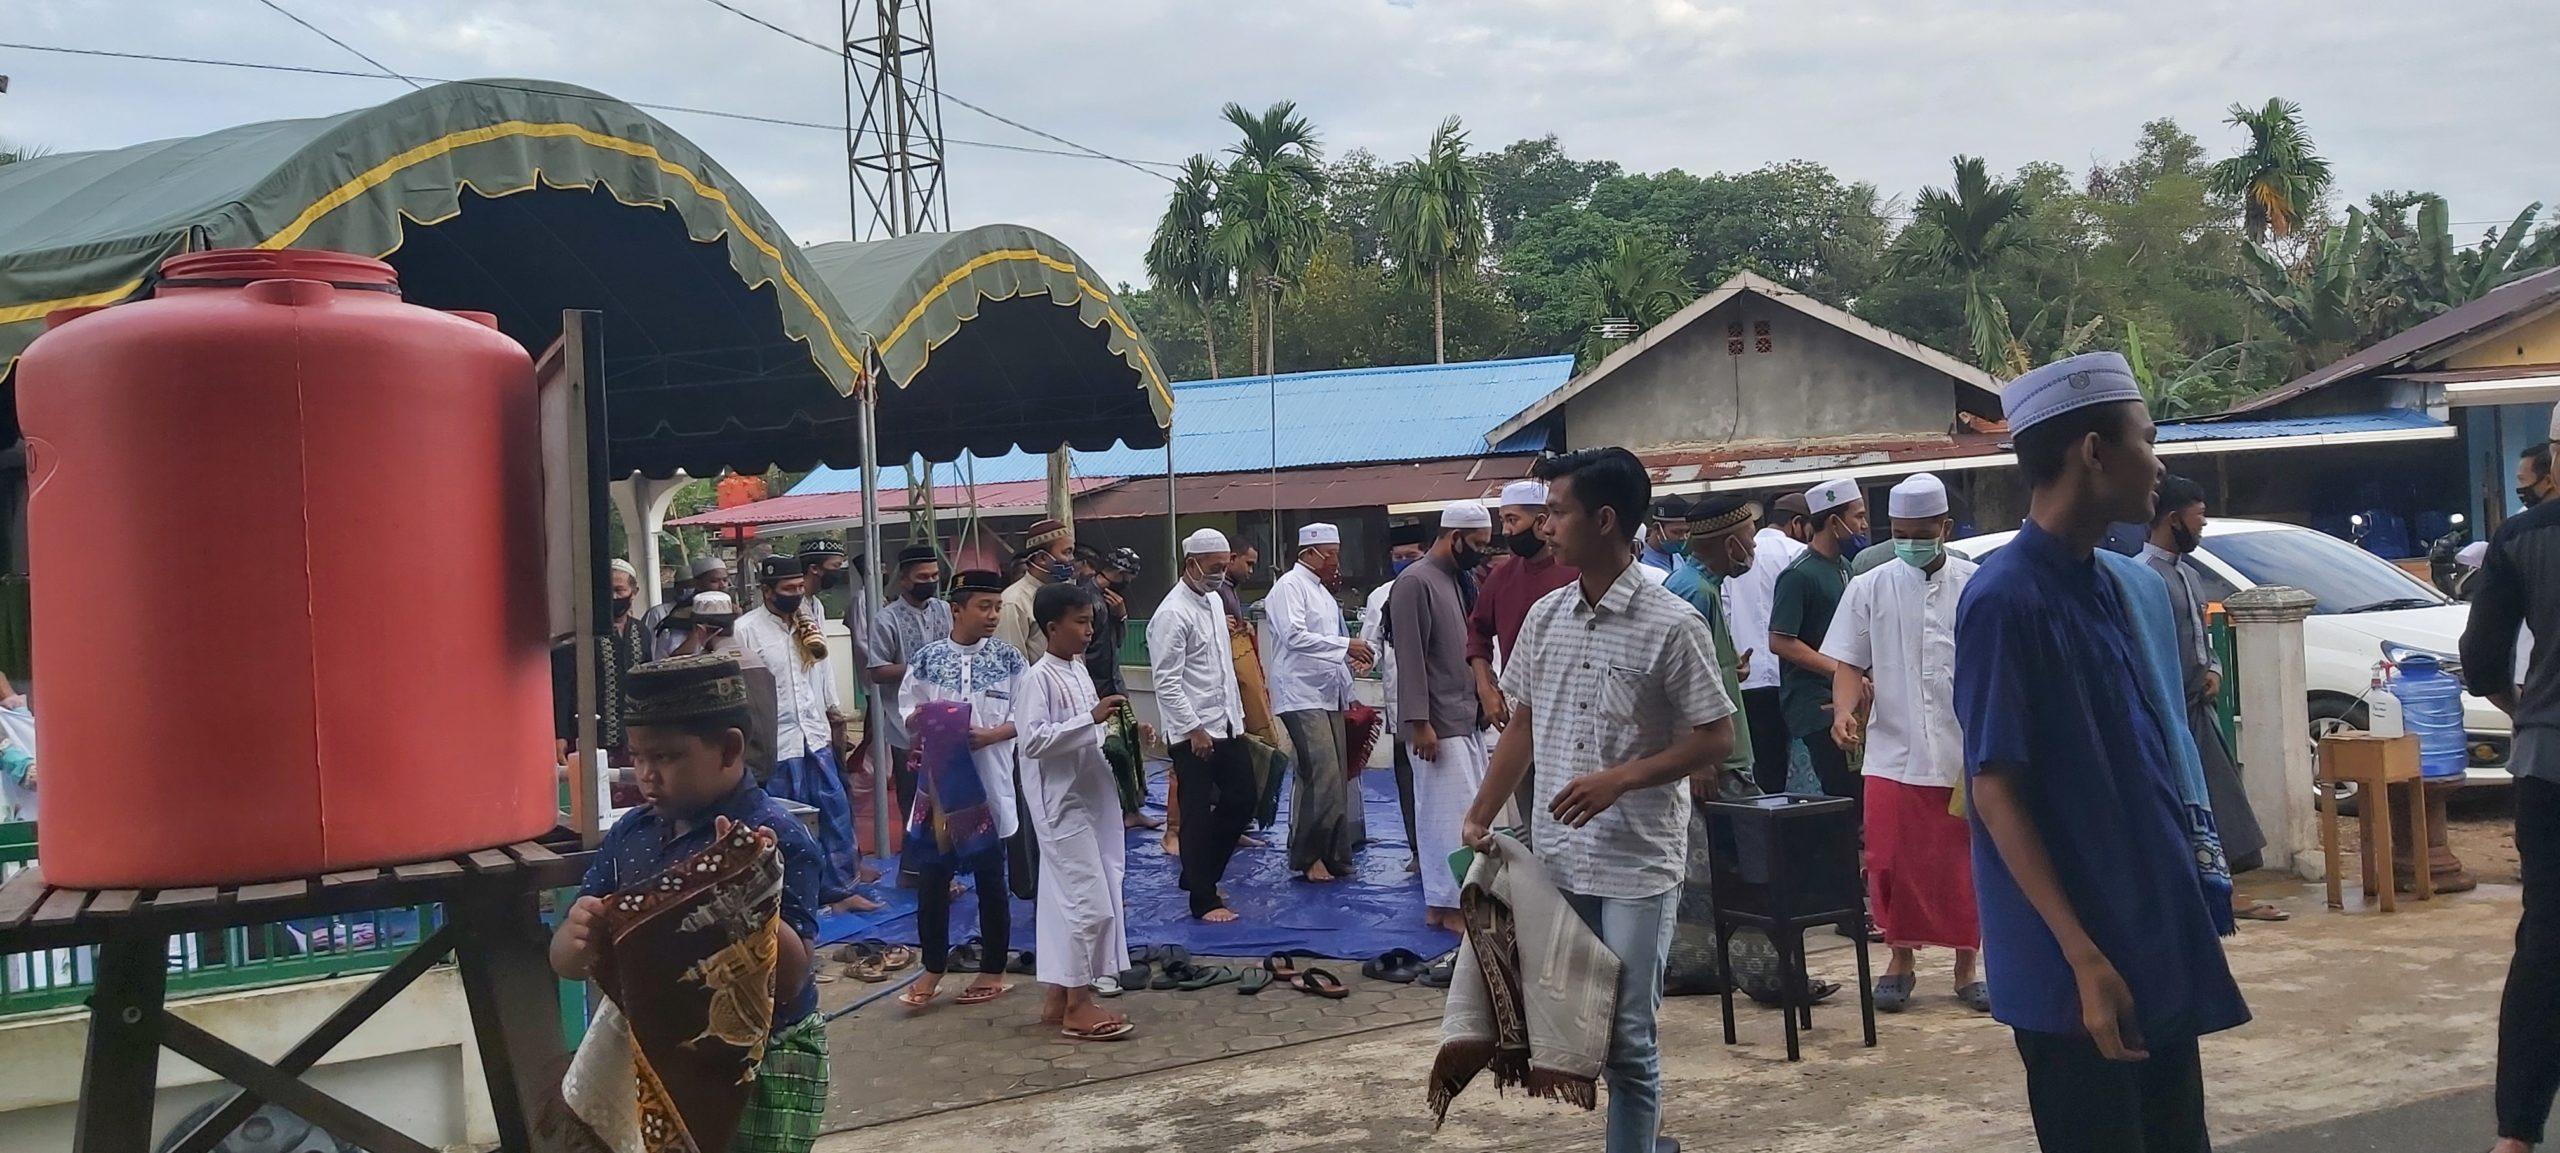 Sholat Idul Adha Warga Banjarbaru Ini Dengan Standar Covid-19 4